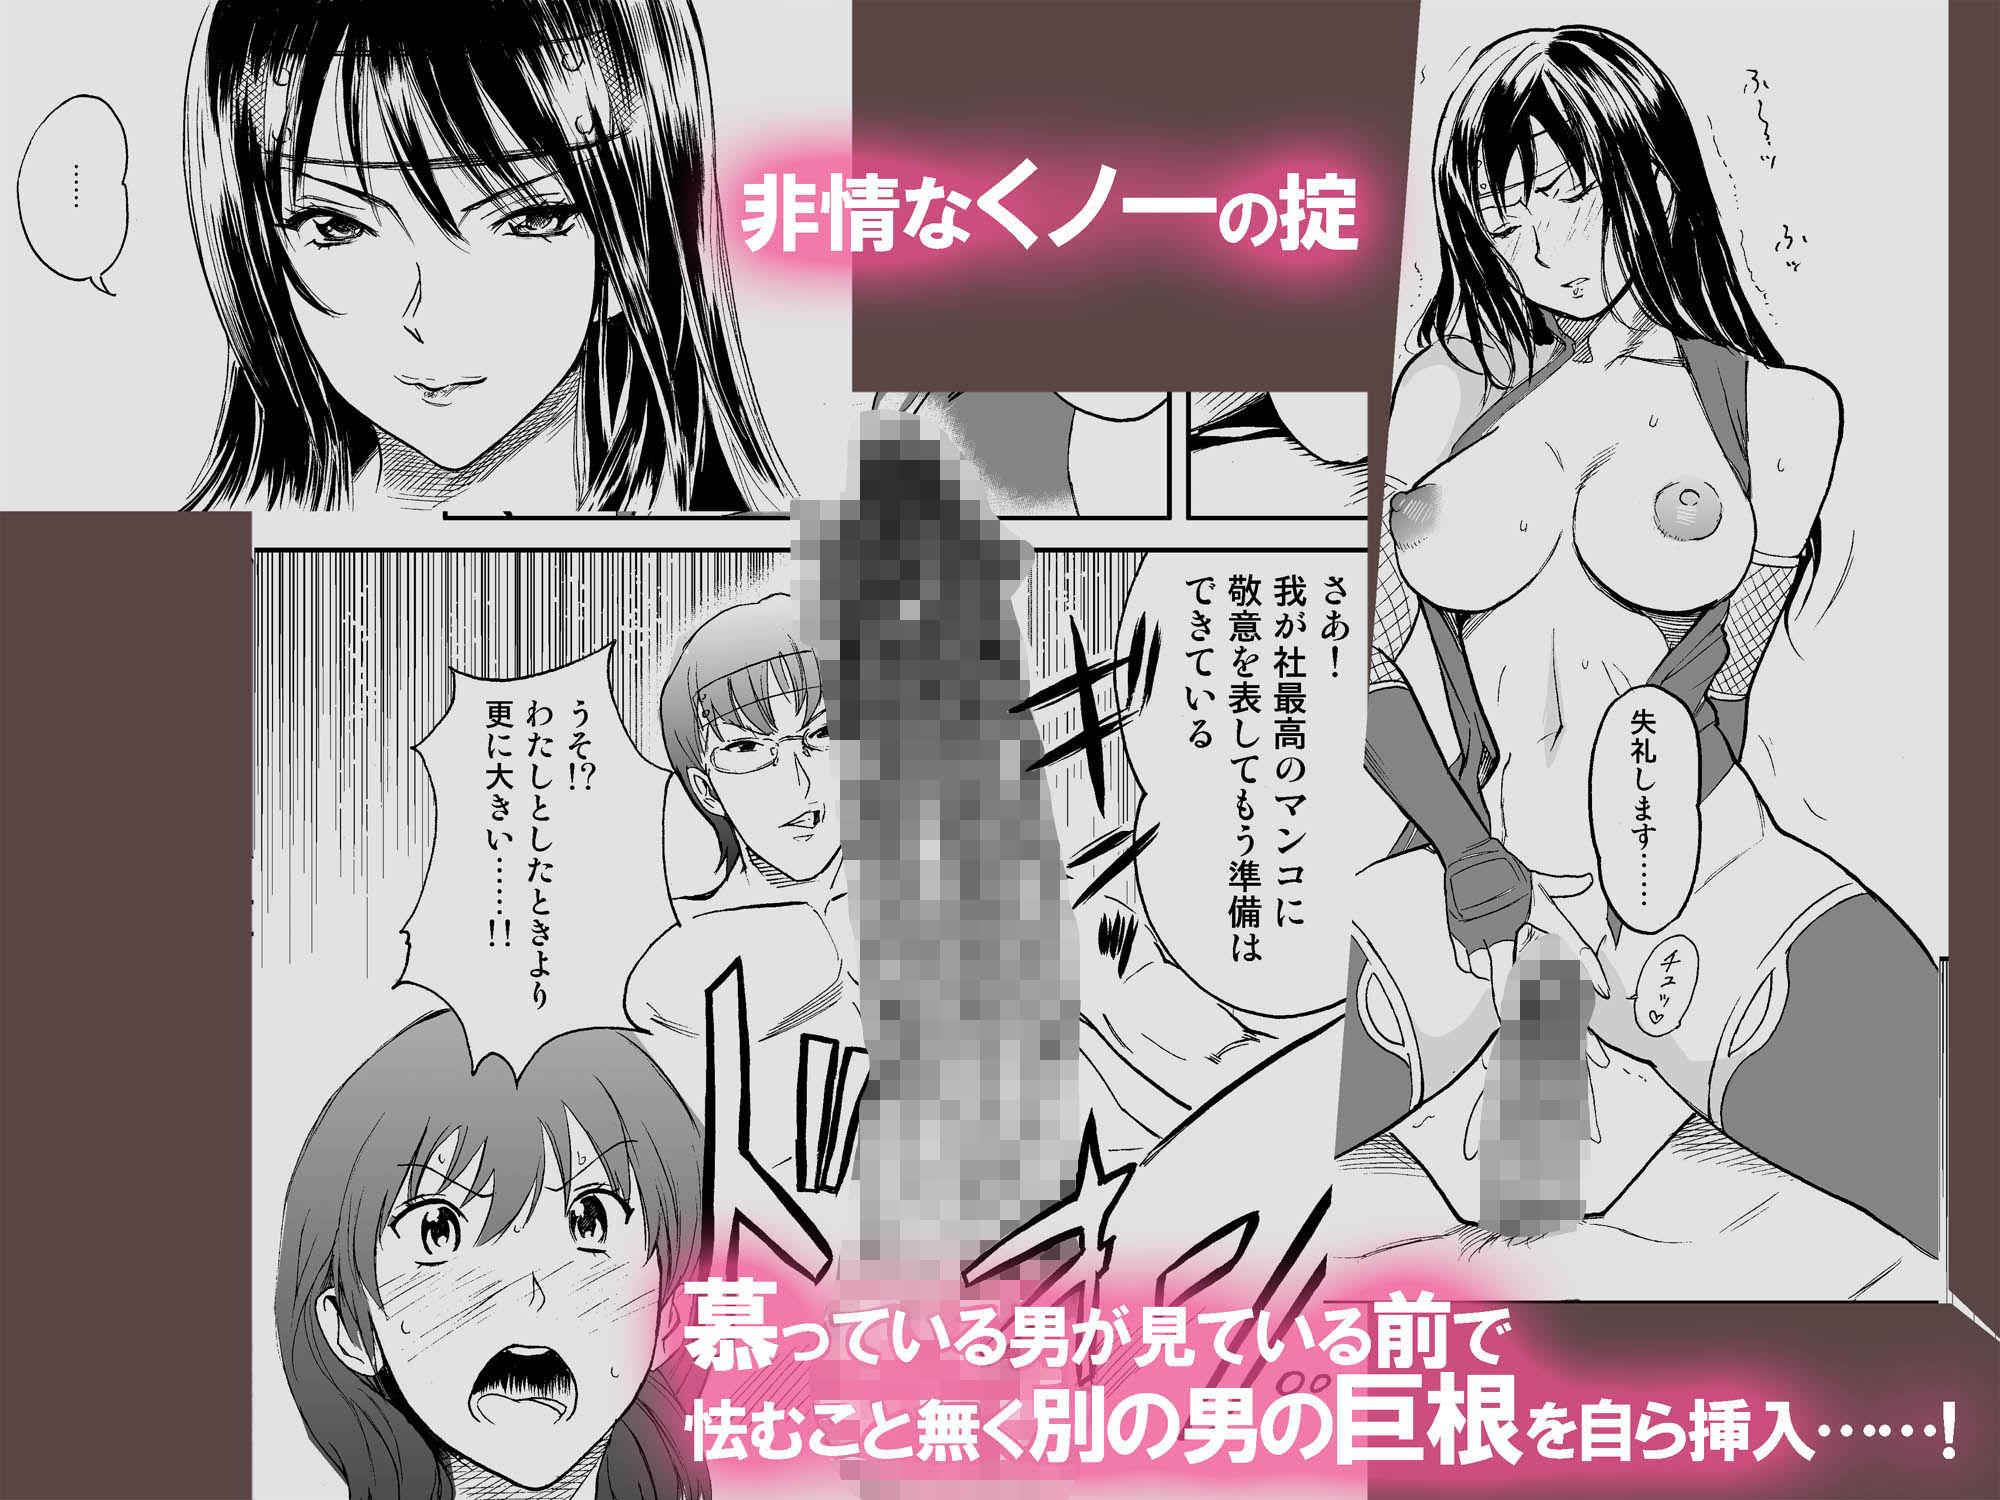 OL���ΰ� �ɤ����٥ߥå���� Vol.4 �٥åɤȤ����Ƥ����Ǻ����褦�����ɤ���̤��������դ�ӵ�� ����